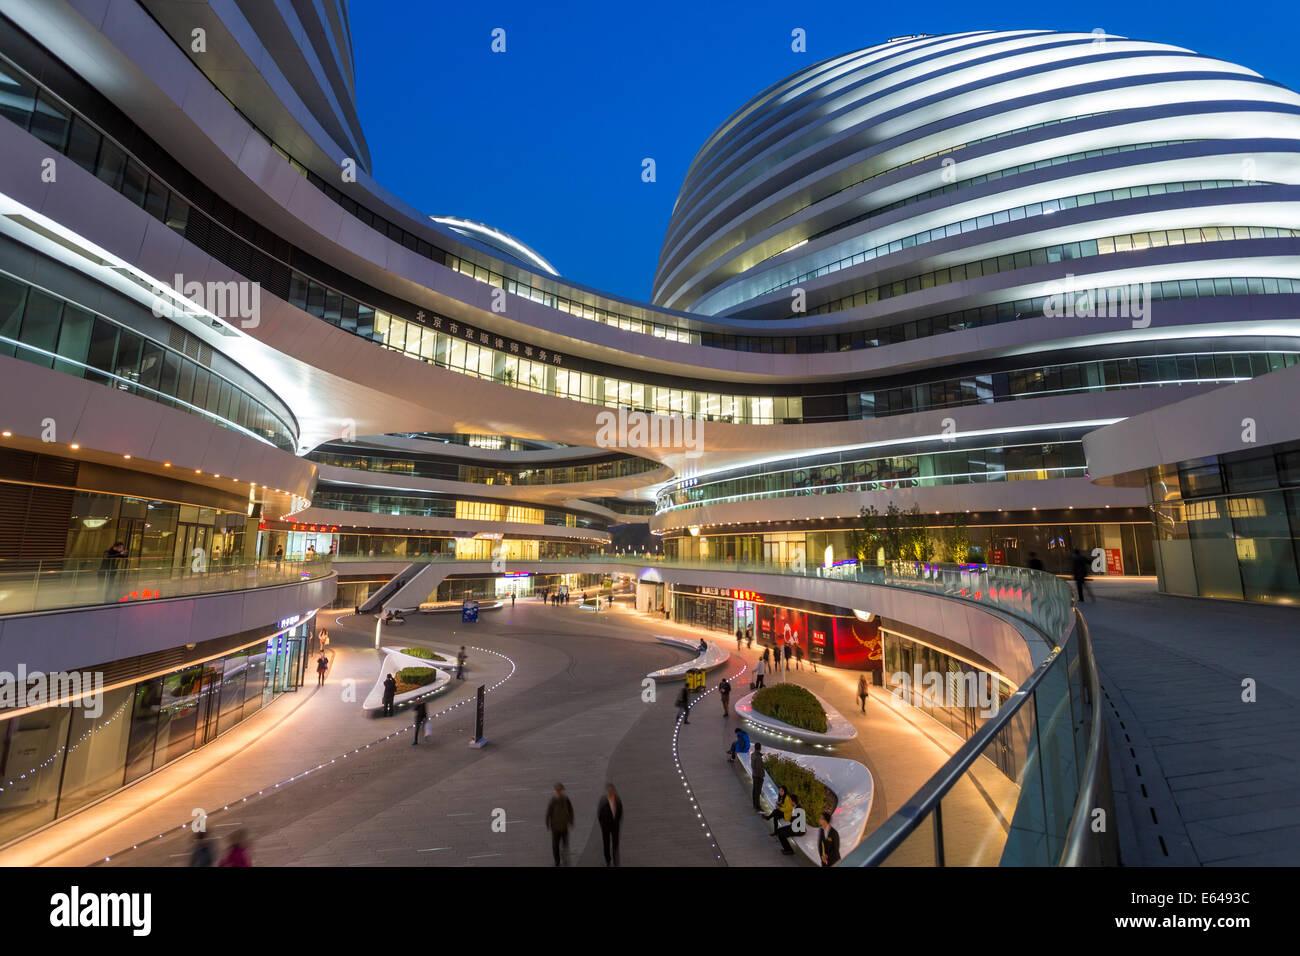 La nueva galaxia Soho edificio diseñado por el arquitecto Zaha Hadid, Beijing, China Imagen De Stock